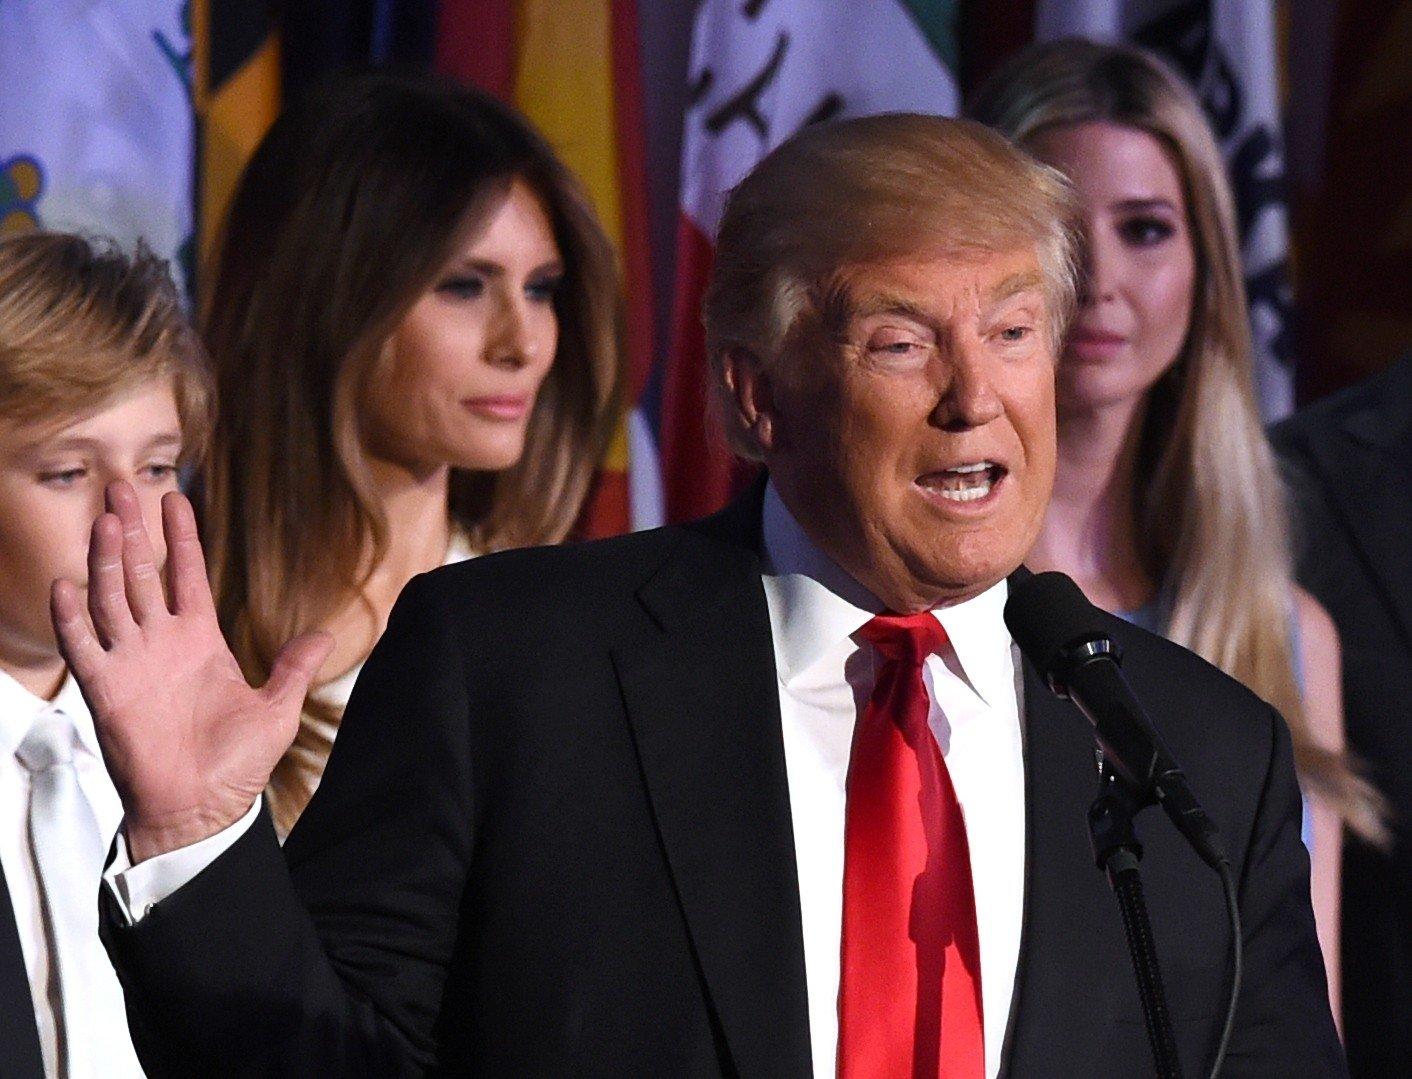 Штатская агентура боится непредсказуемости Трампа